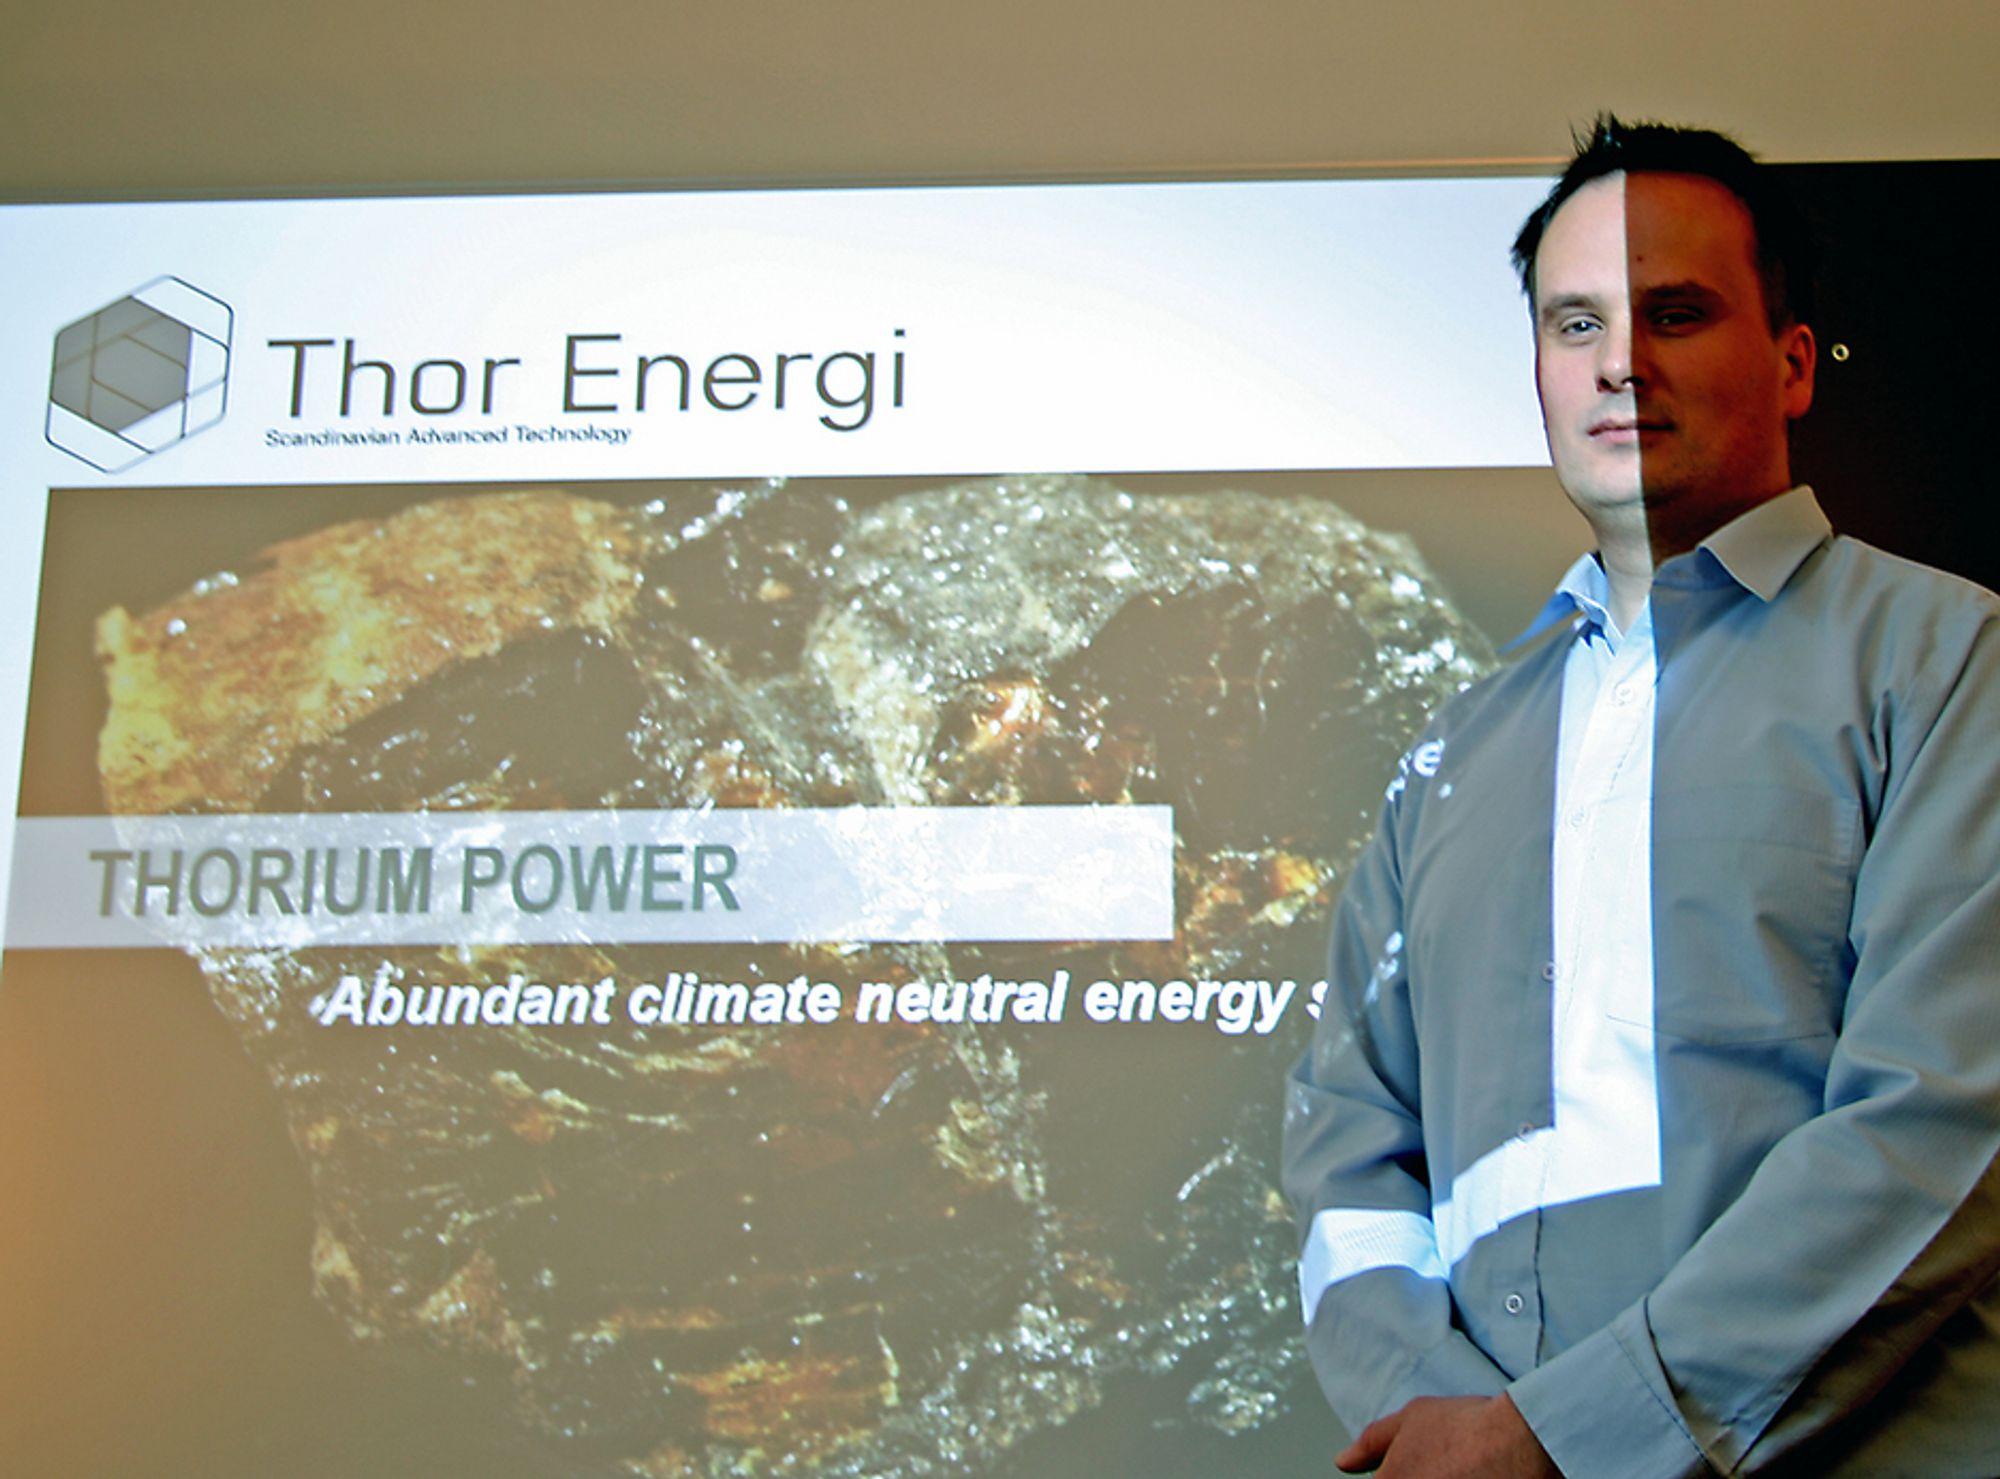 VIL LEVERE TEKNOLOGI: Seniorkonsulent i Scatec som er største eier i Thor Energy, Øystein Asphjell, mener thoriumutvalgets rapport gir et godt grunnlag for å satse videre.